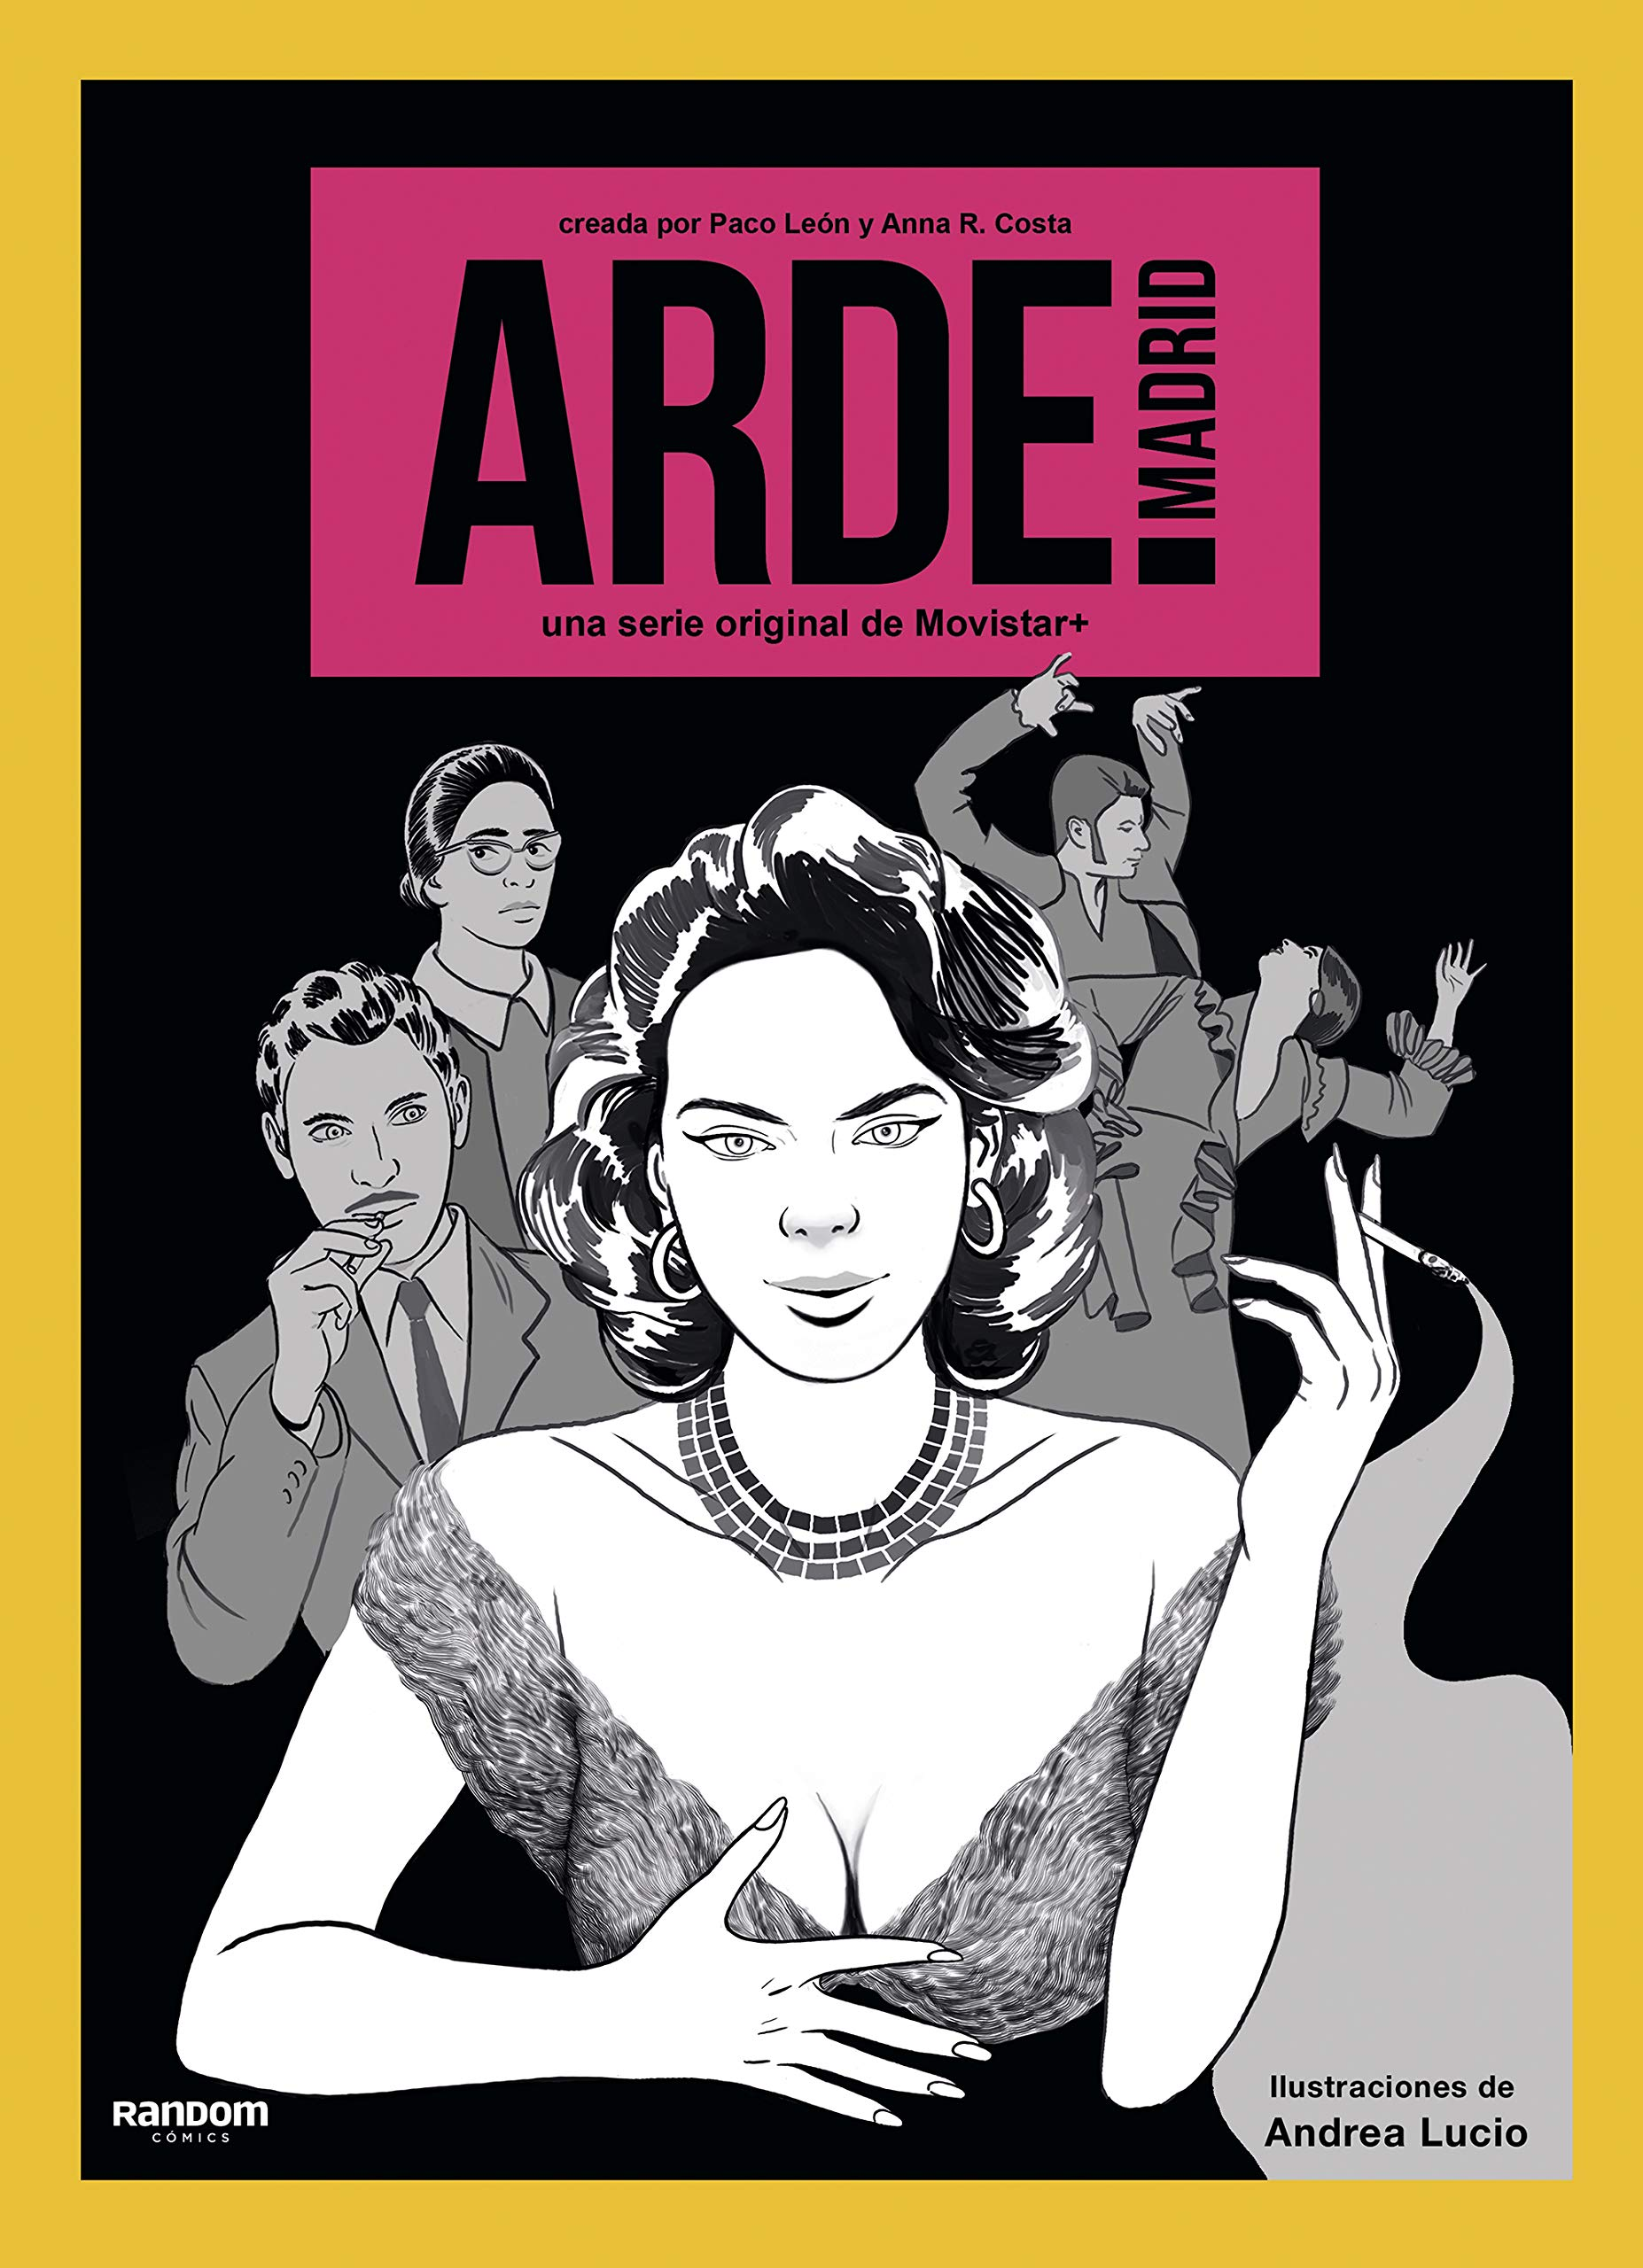 Arde Madrid Random Cómics Amazon Es León Paco R Costa Anna Libros